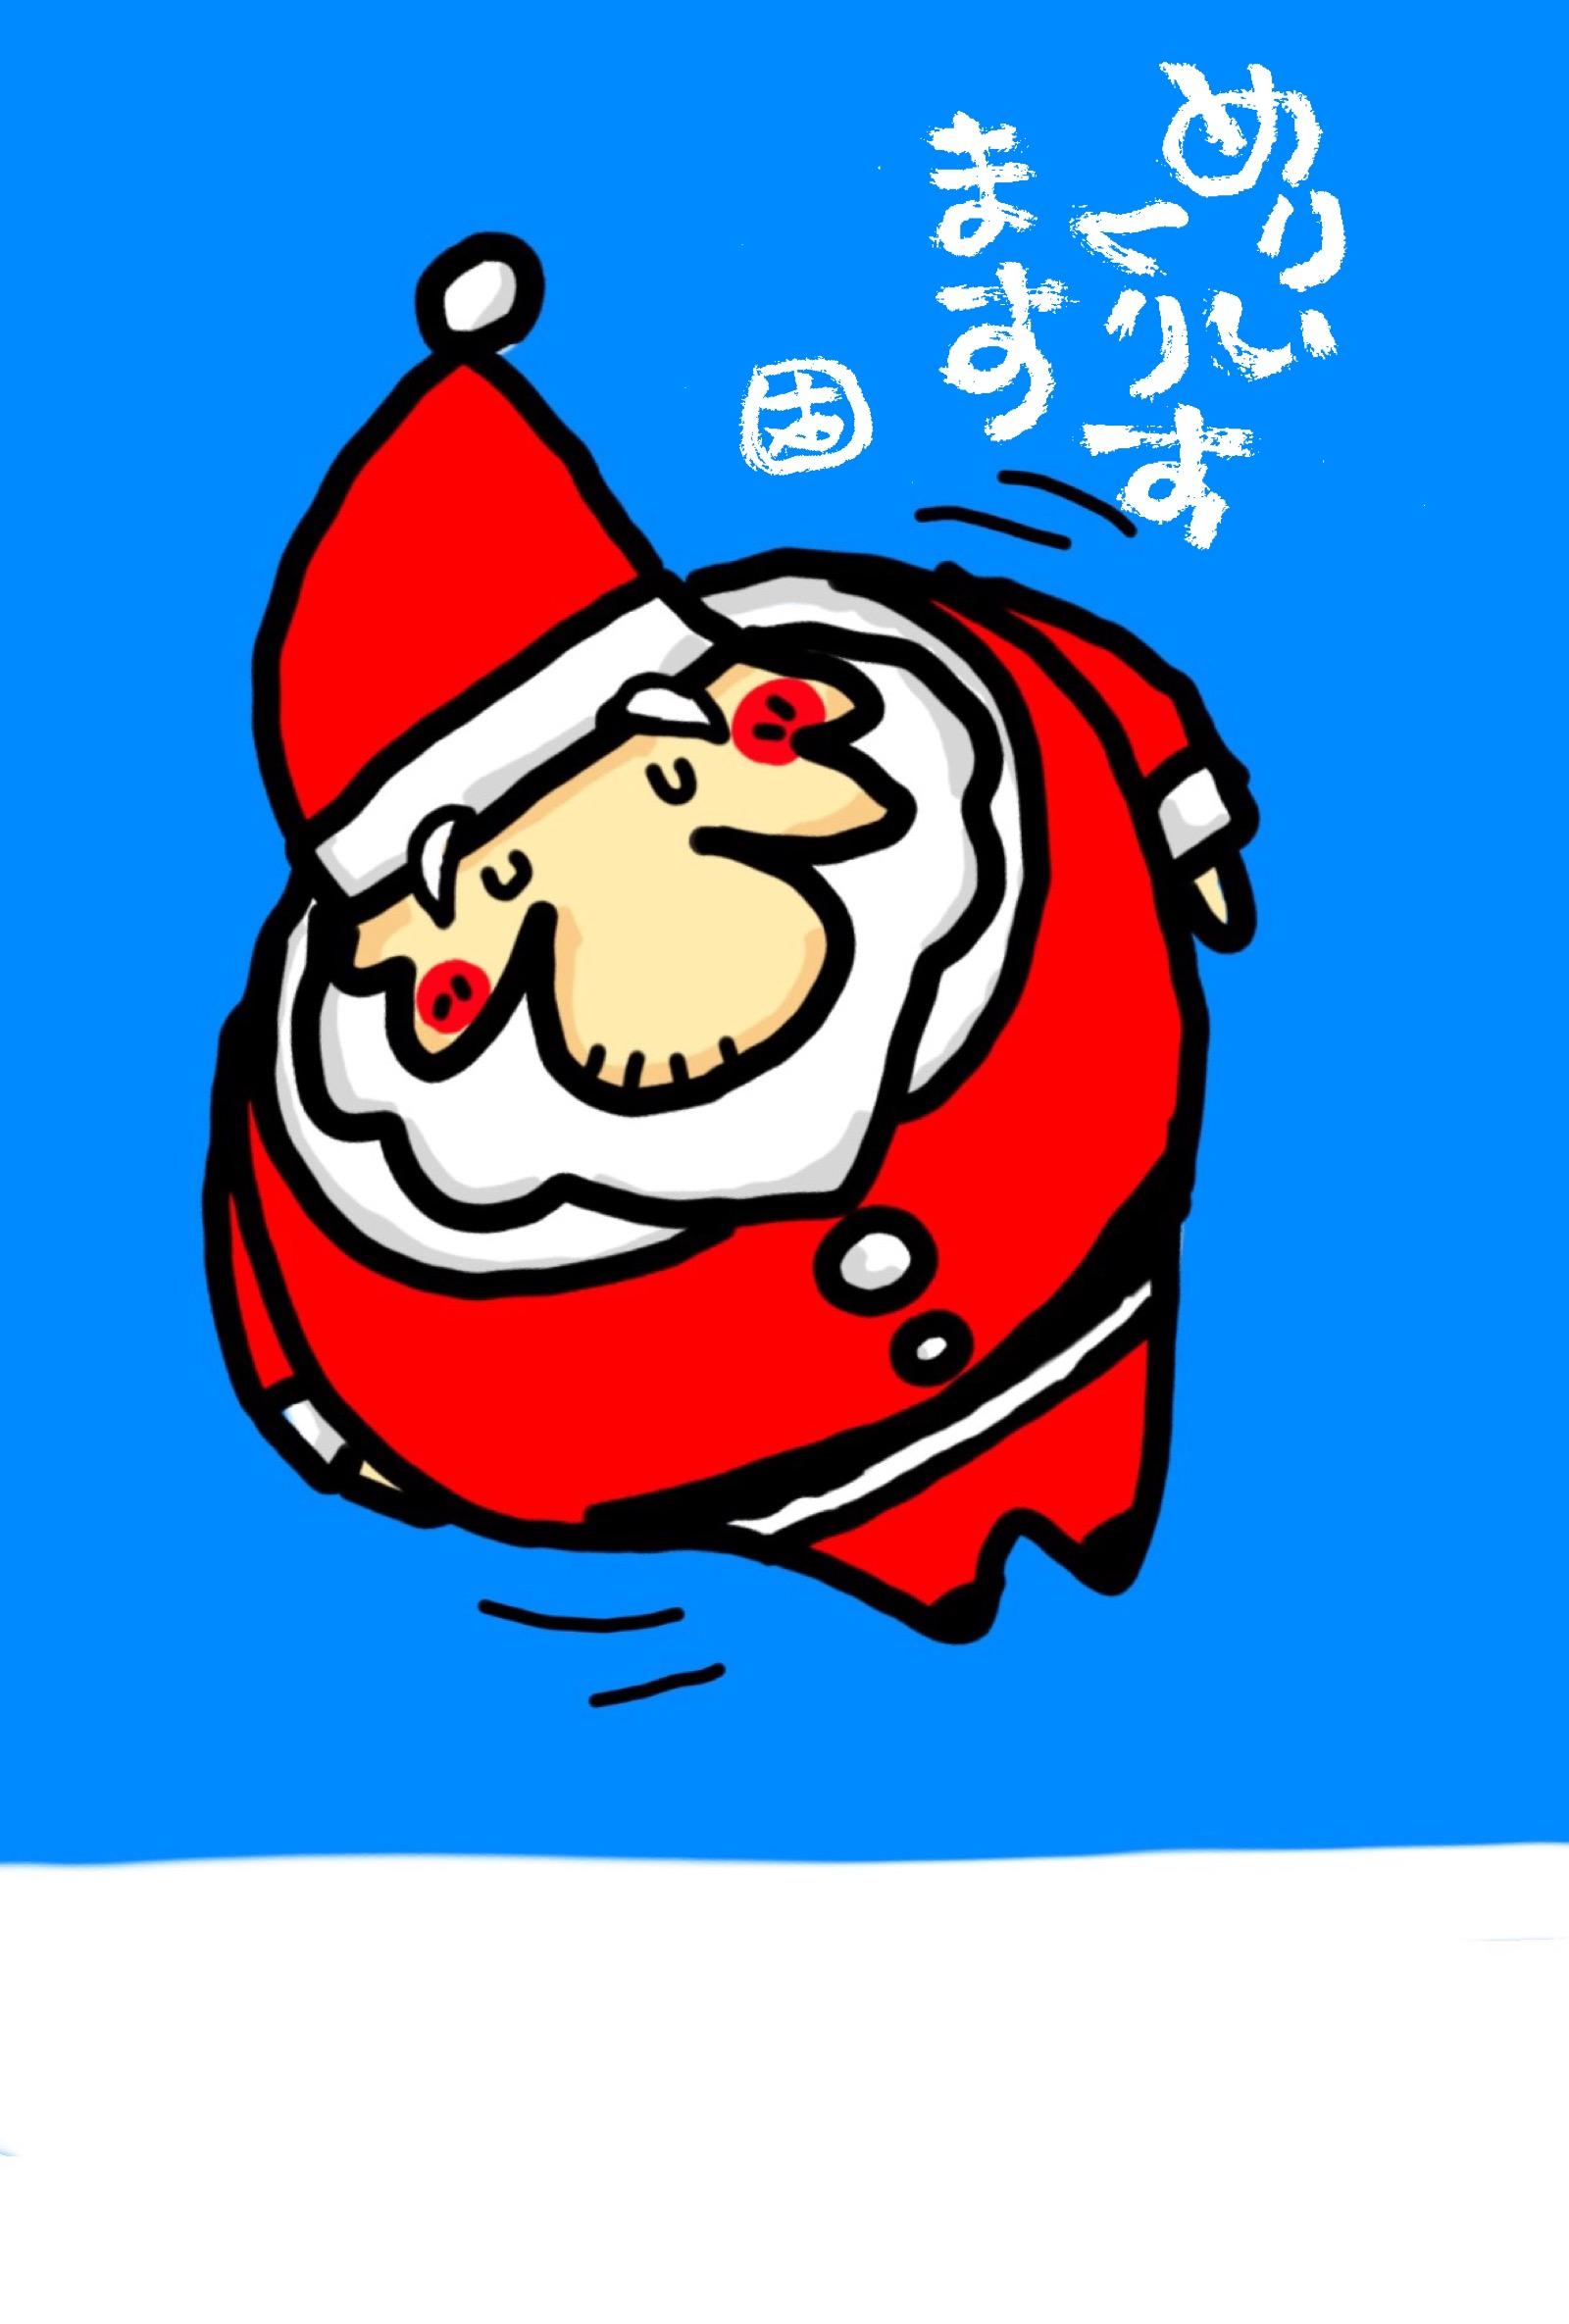 サンタクロースのイラストのクリスマスカード素材